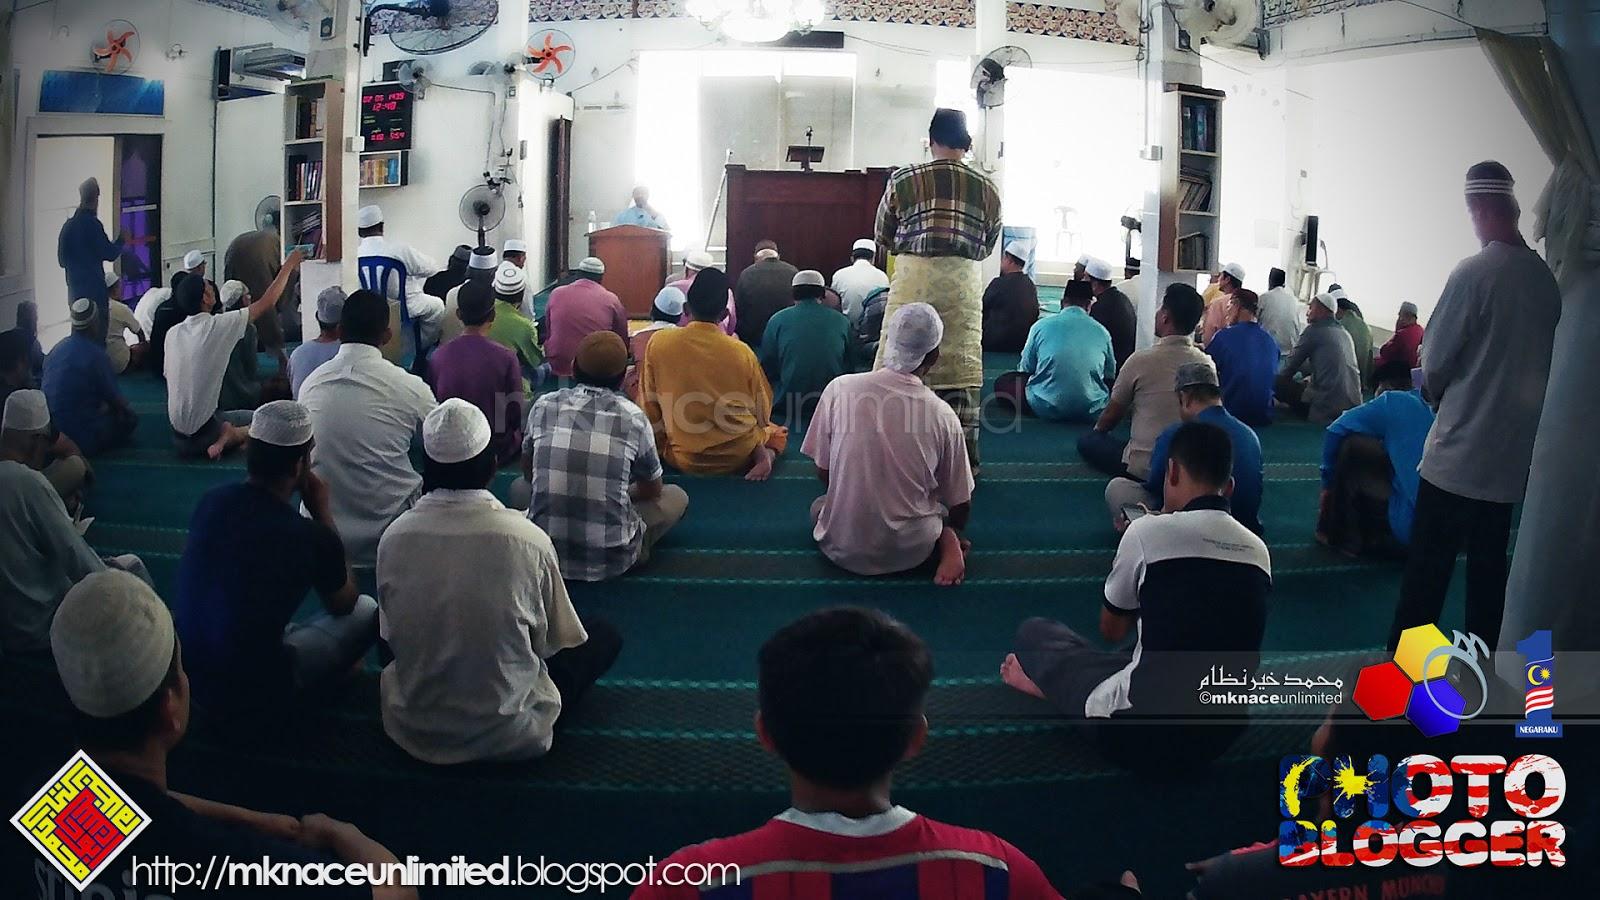 Masjid Jamek Gelang Patah 20180119 Solat Jumaat Mknace Unlimited Roti Tissue By Canai Ikhwan Gh Corner Mks Jangan Kejar Dunia Kerana Sampai Mati Pun Akan Lari Meninggalkan Kita Akhirat Datang Pada Dana Untuk Pengubahsuaian Masih Tak